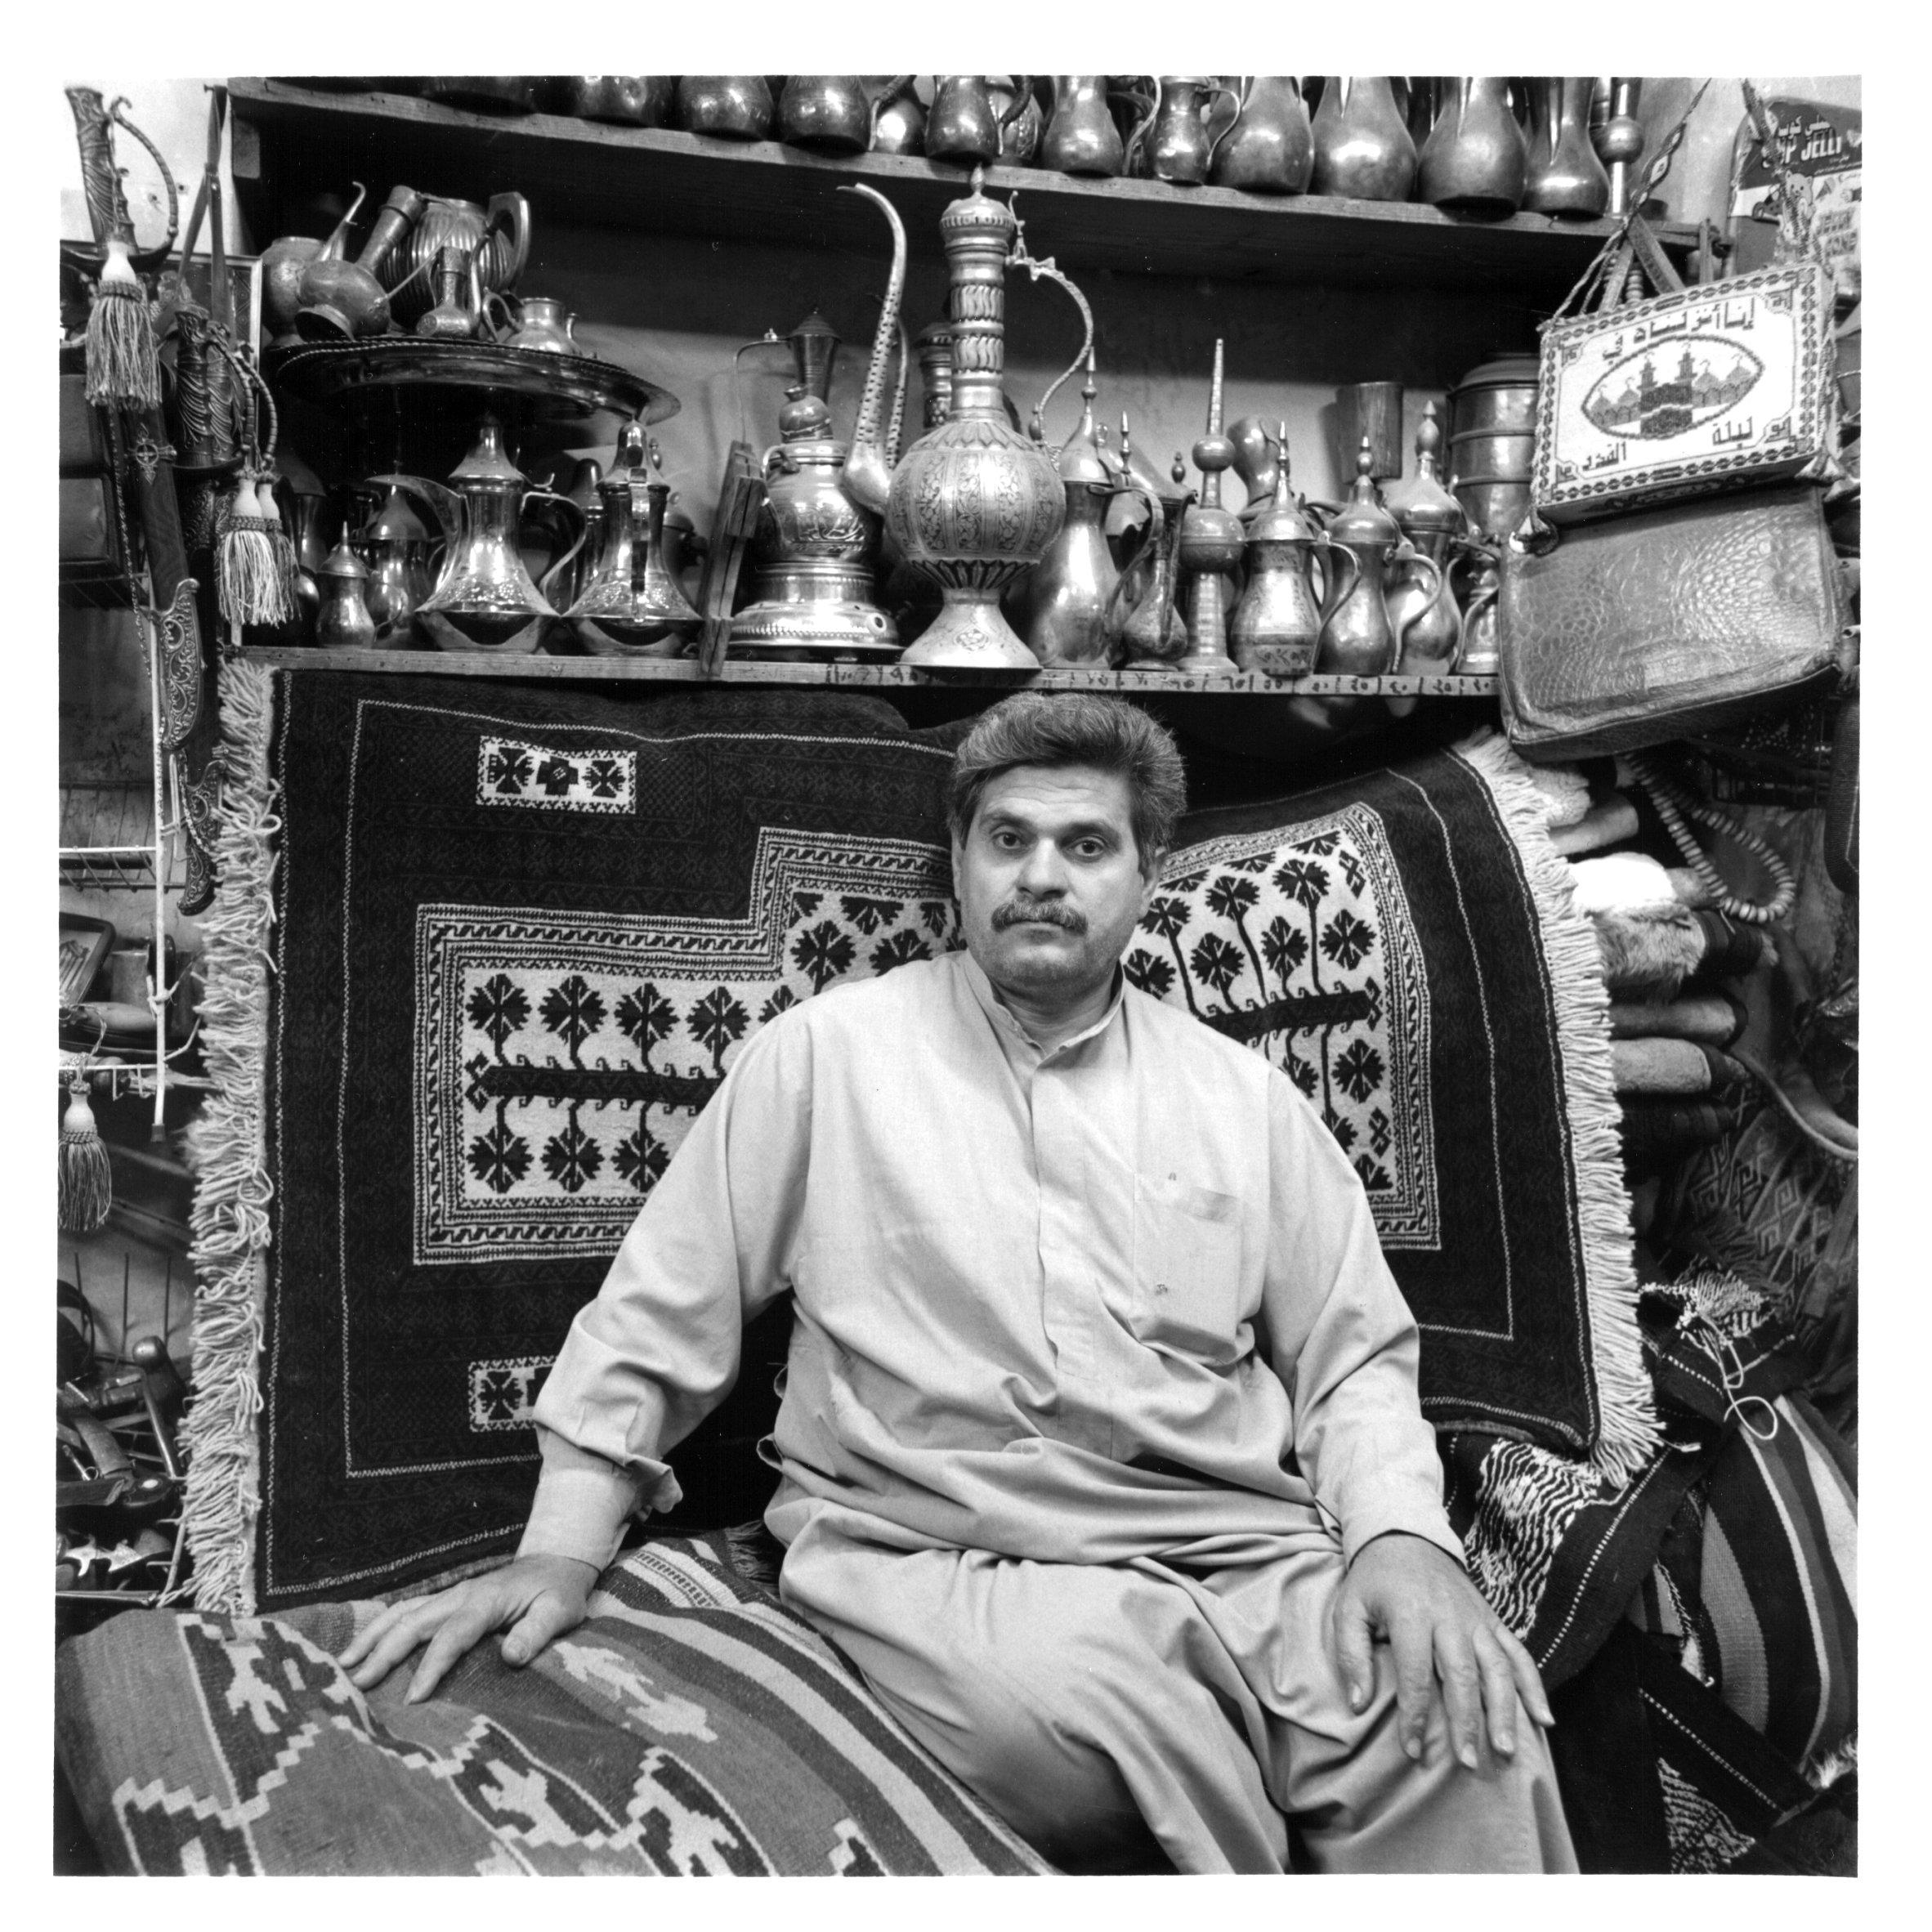 Salih Ibn Mansour